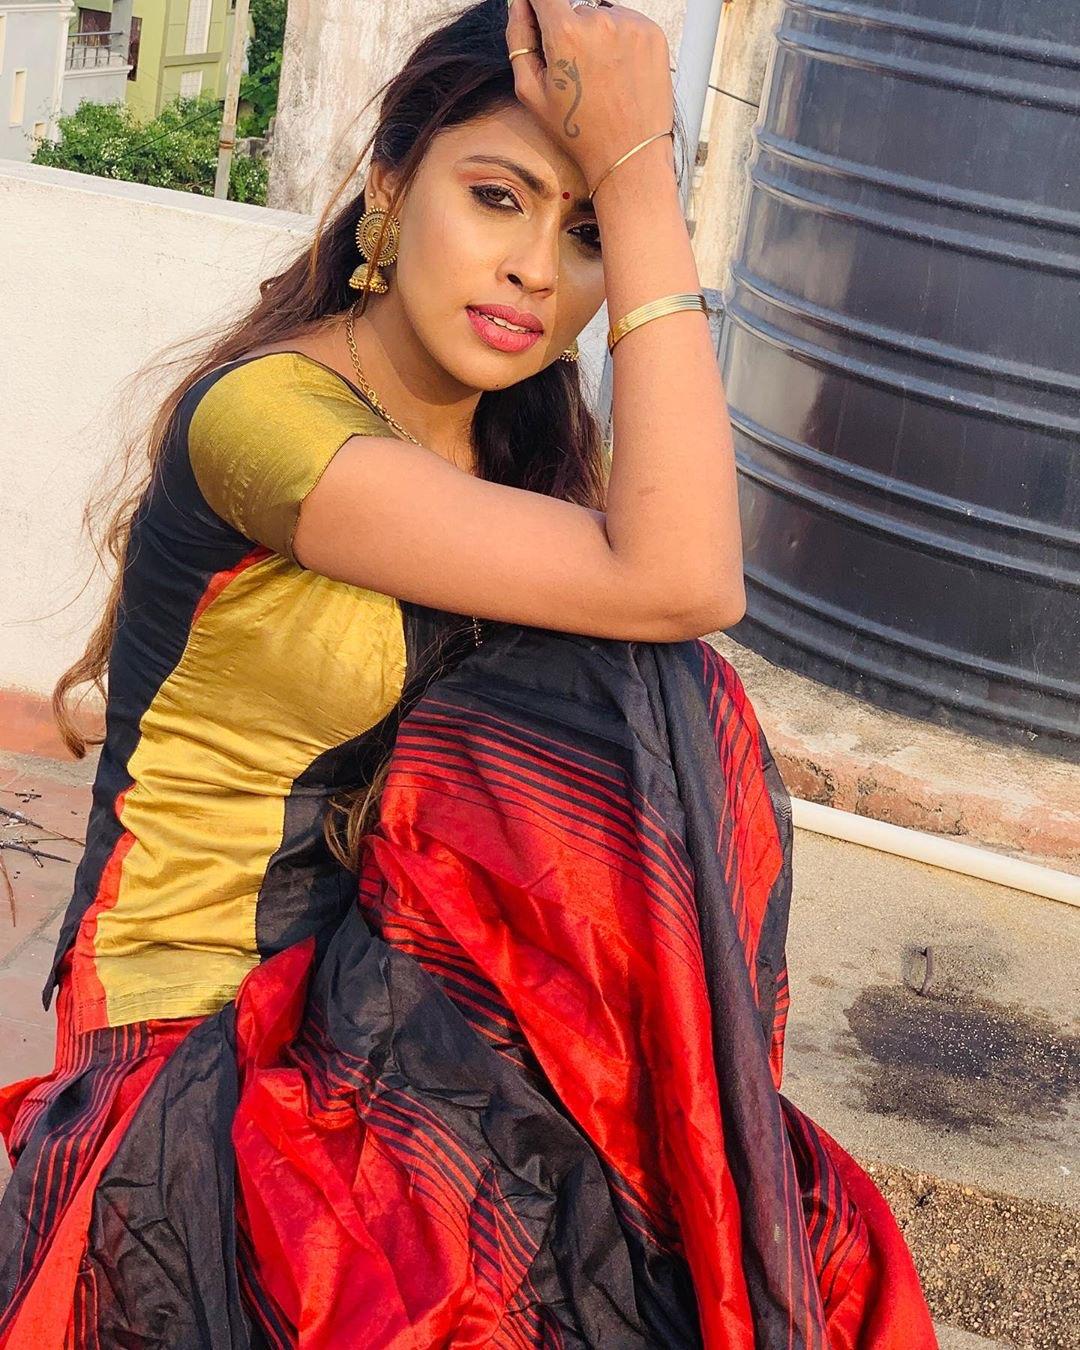 Actress Srinikha Model Latest Photoshoot - South Indian Actress - Photos and Videos of beautiful actress -